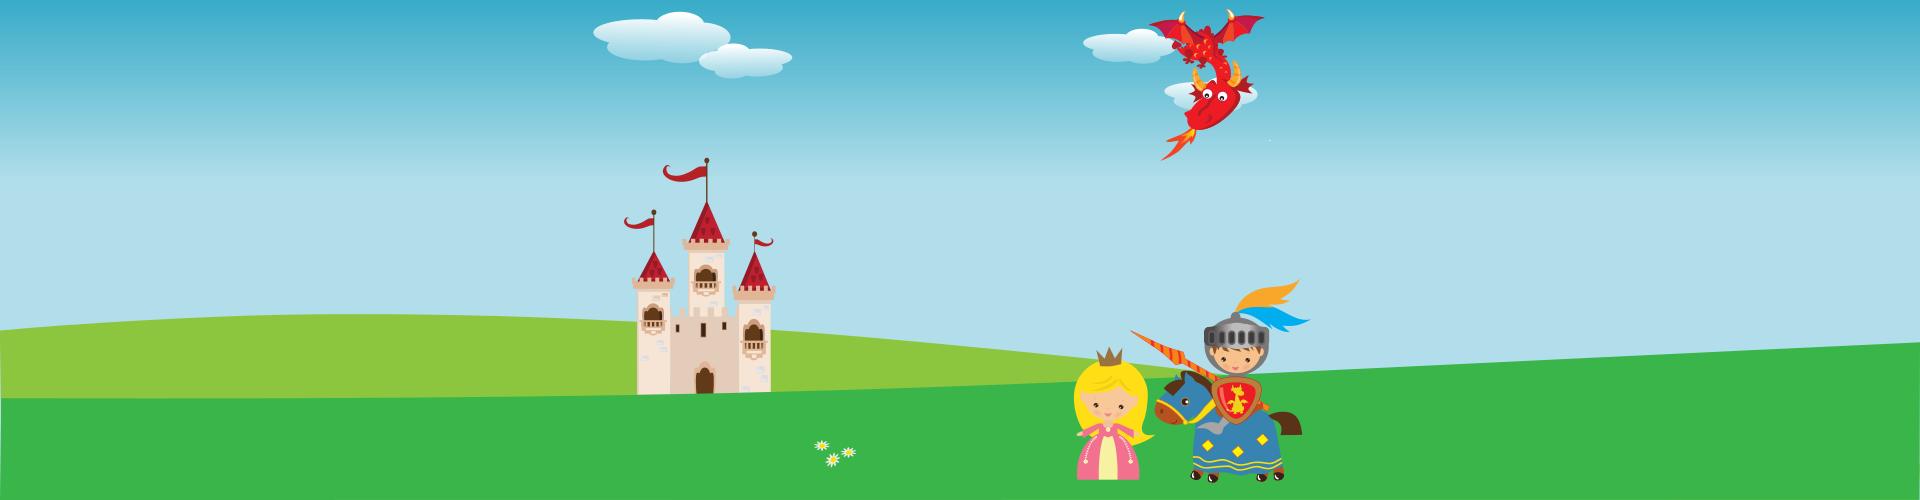 speurtocht kinderfeestje ridders